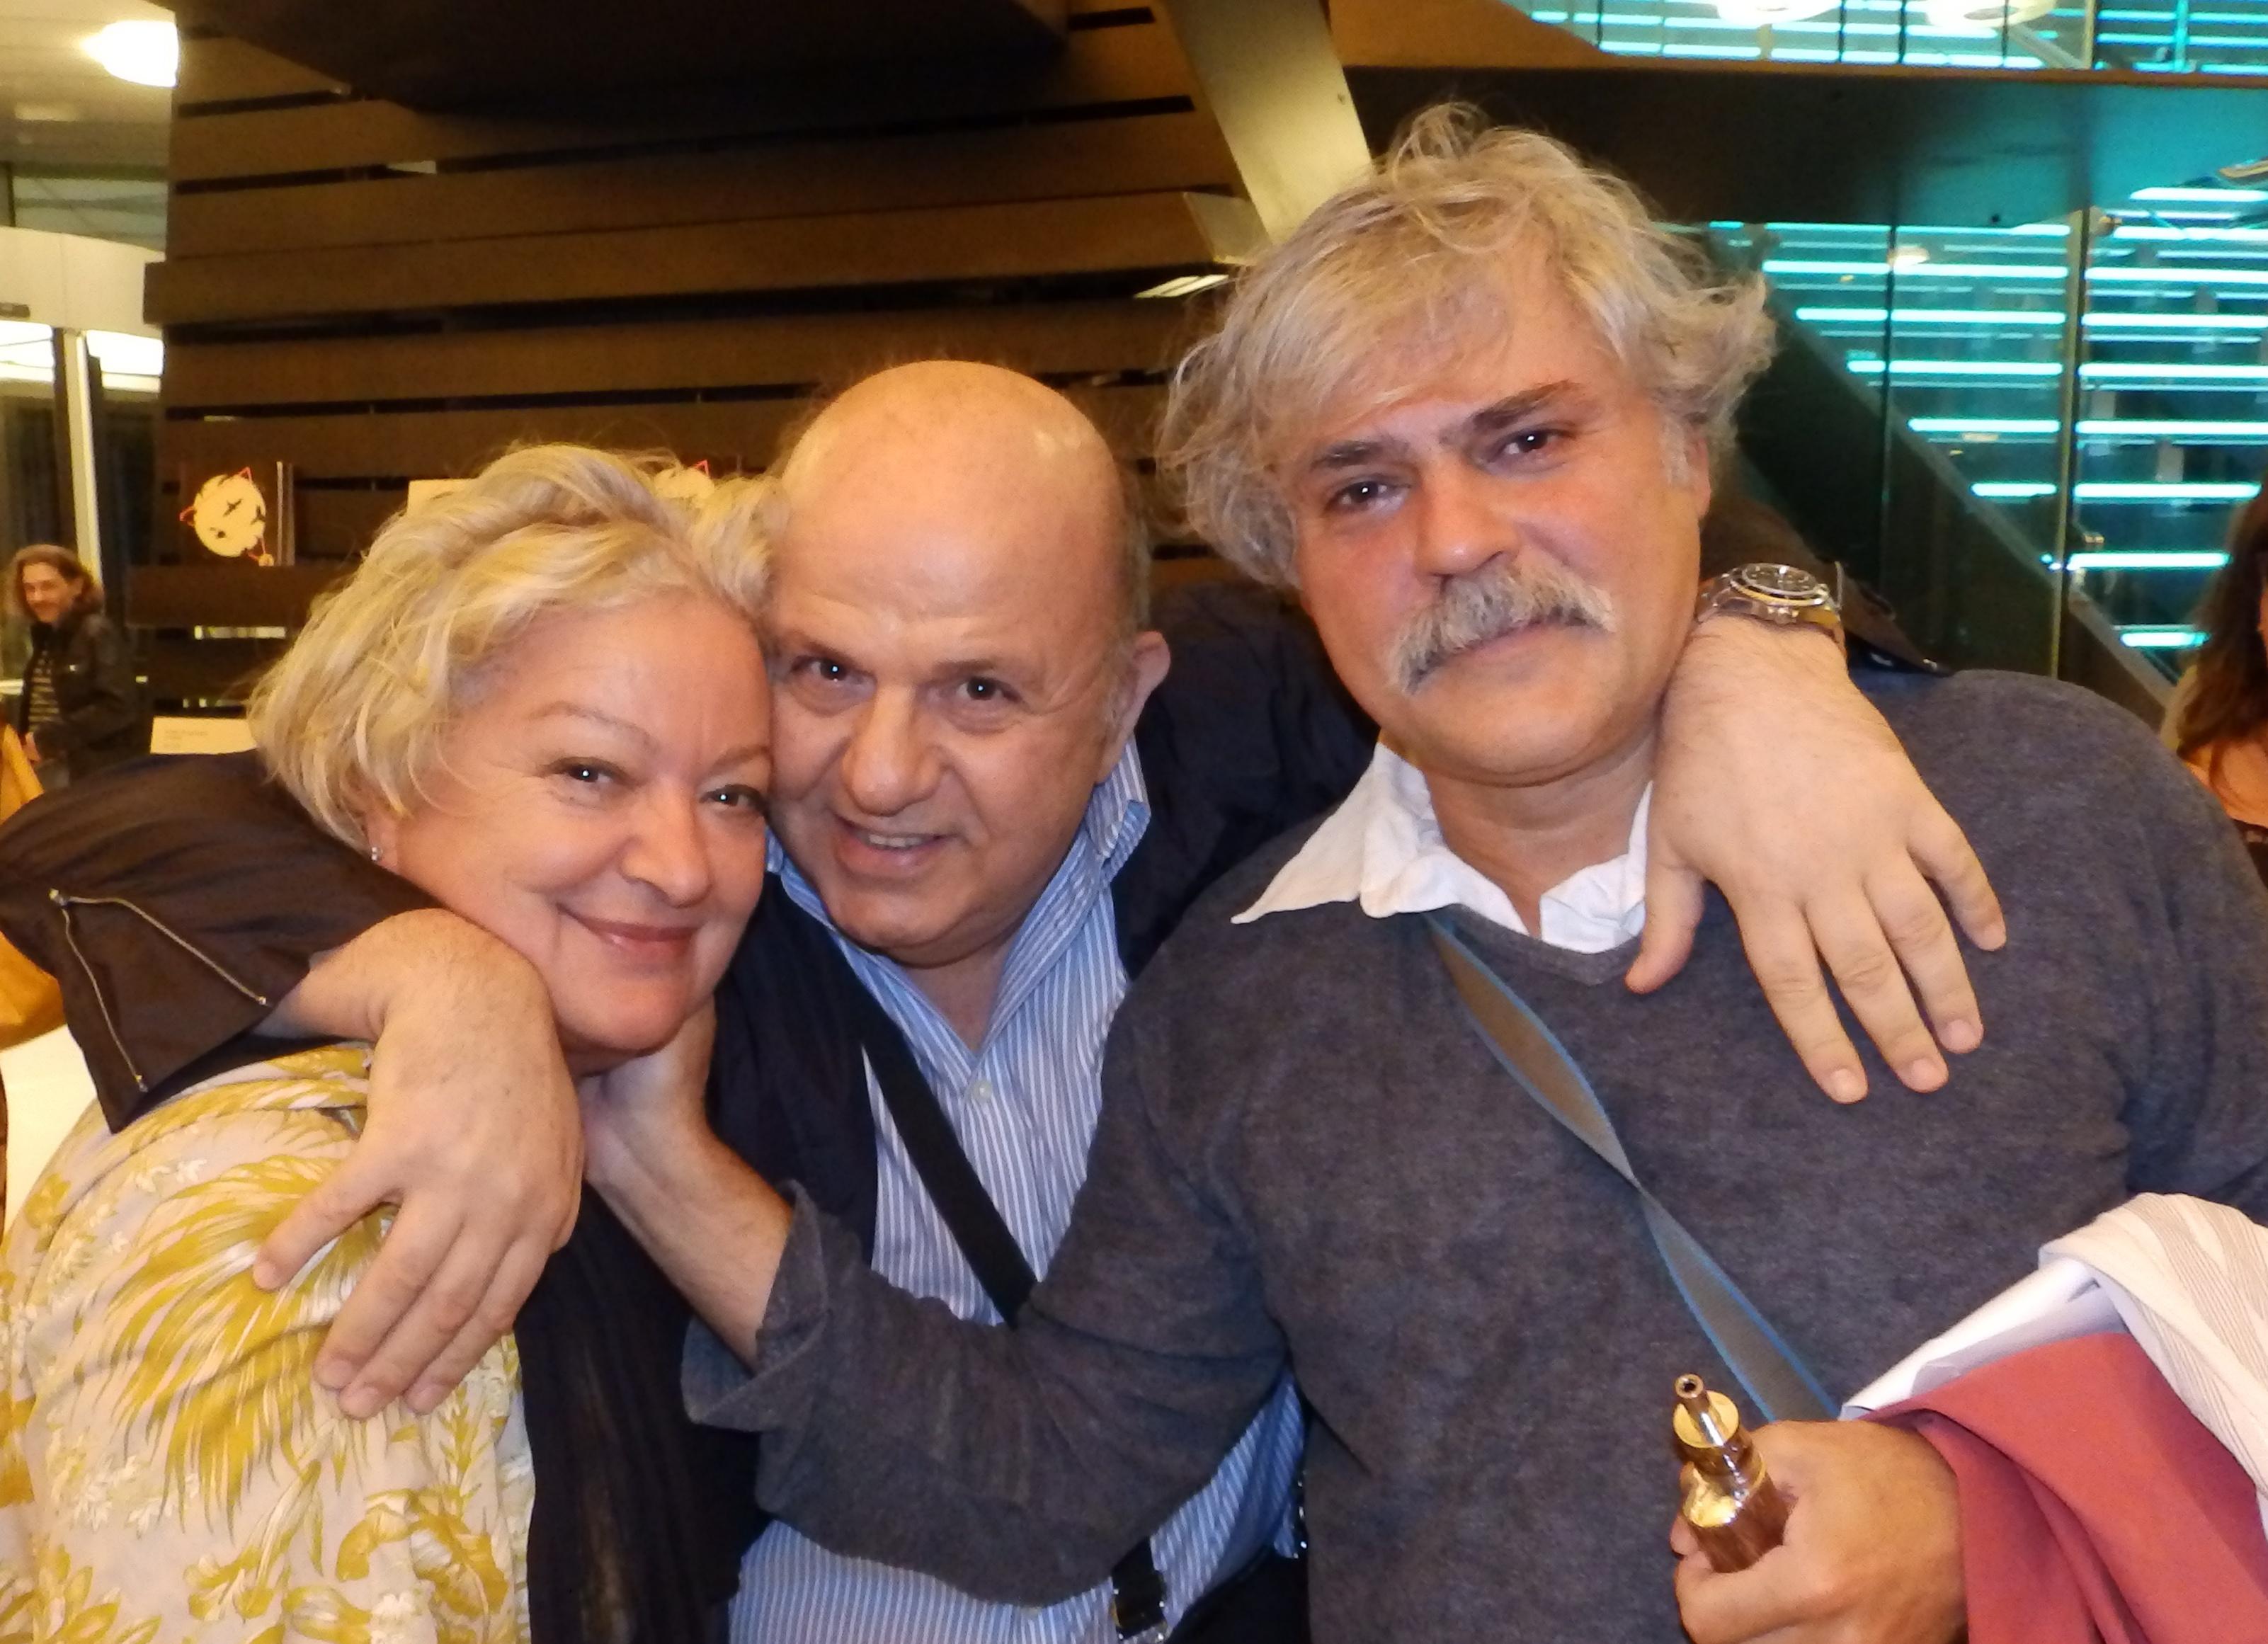 Τάνια Τσανακλίδου, Νίκος Μουρατίδης, Νίκος Καραθάνος